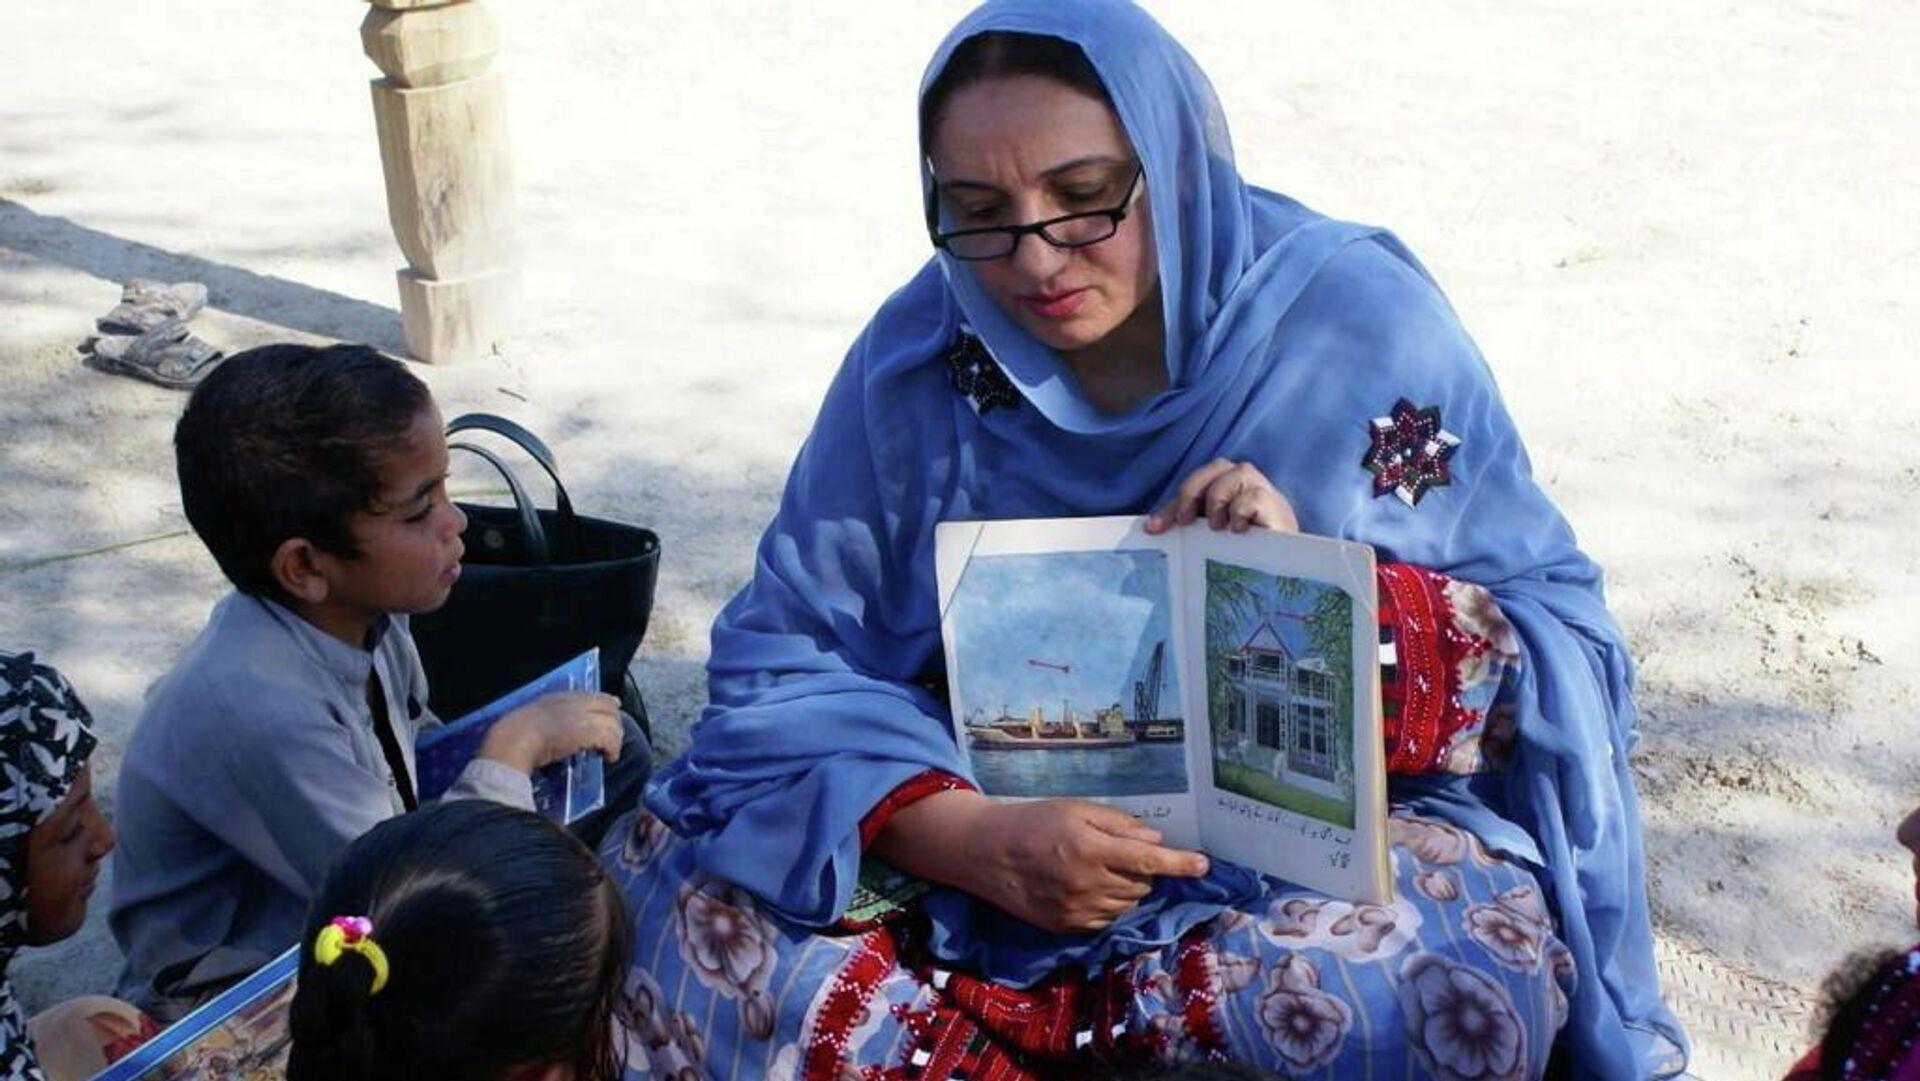 Los niños escuchan a una mujer leyendo un libro traído por el camello Roshan  - Sputnik Mundo, 1920, 29.04.2021